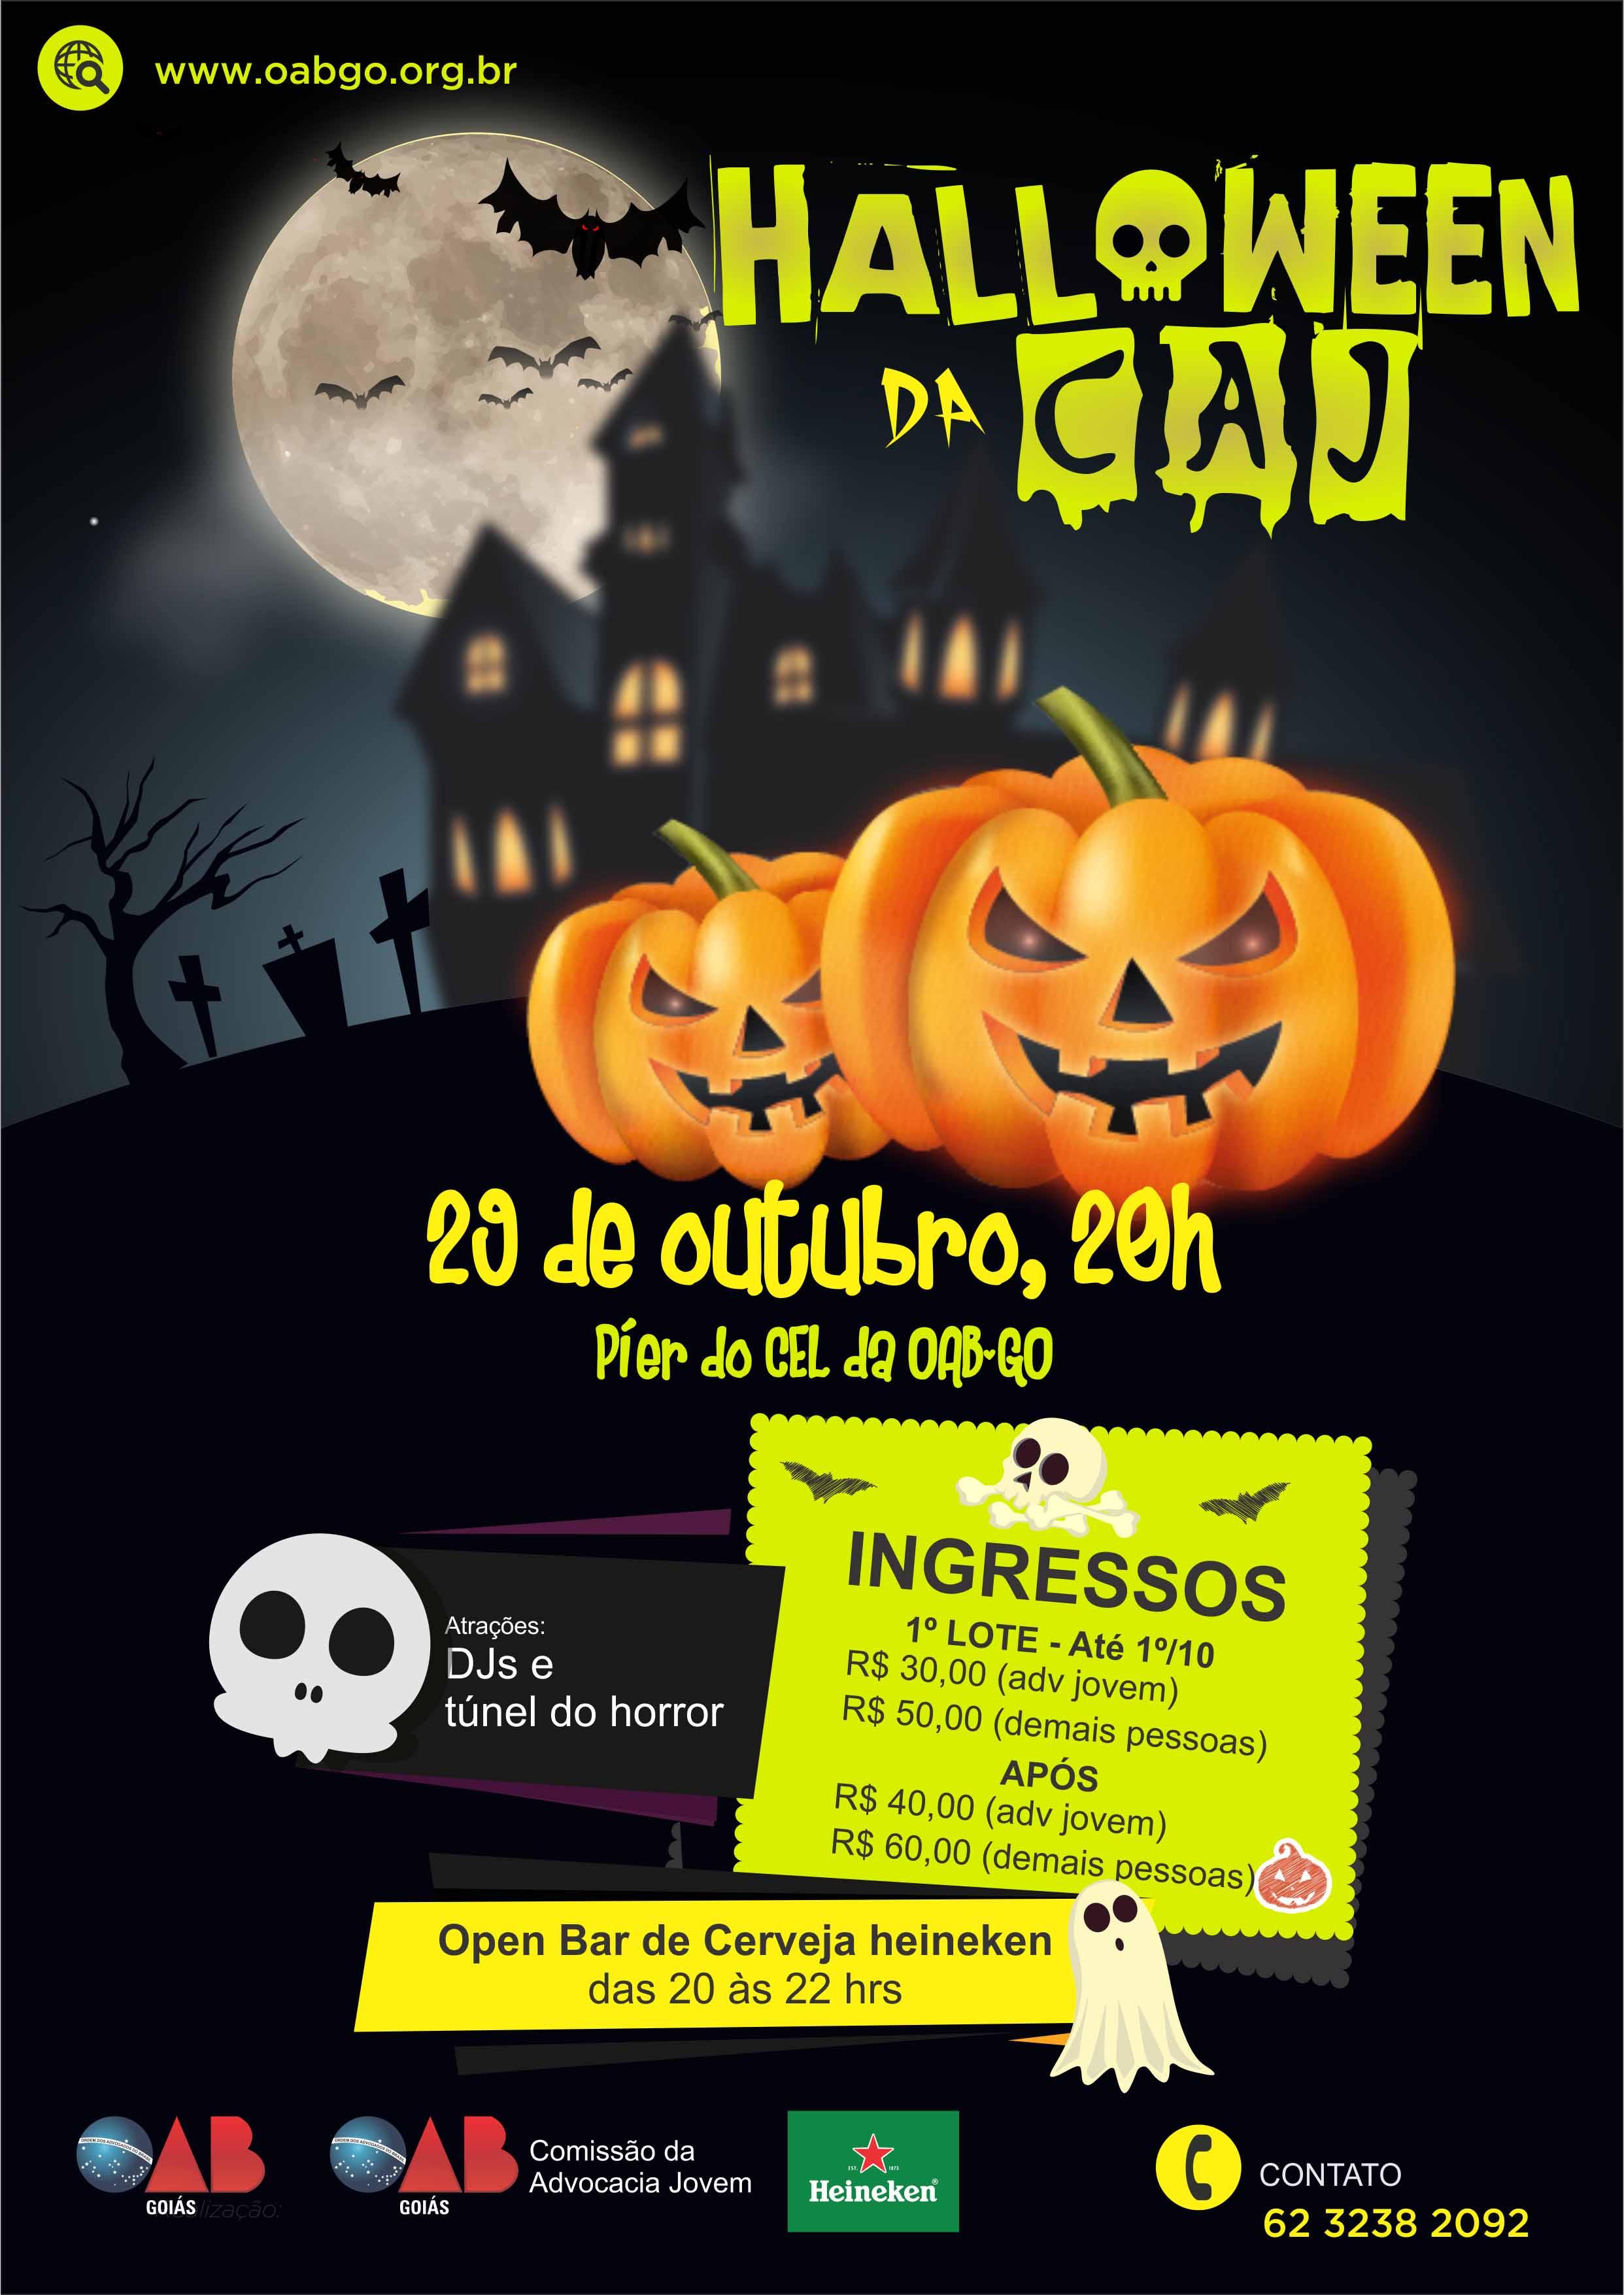 1º Halloween da CAJ promete noite animada e de integração no CEL da OAB